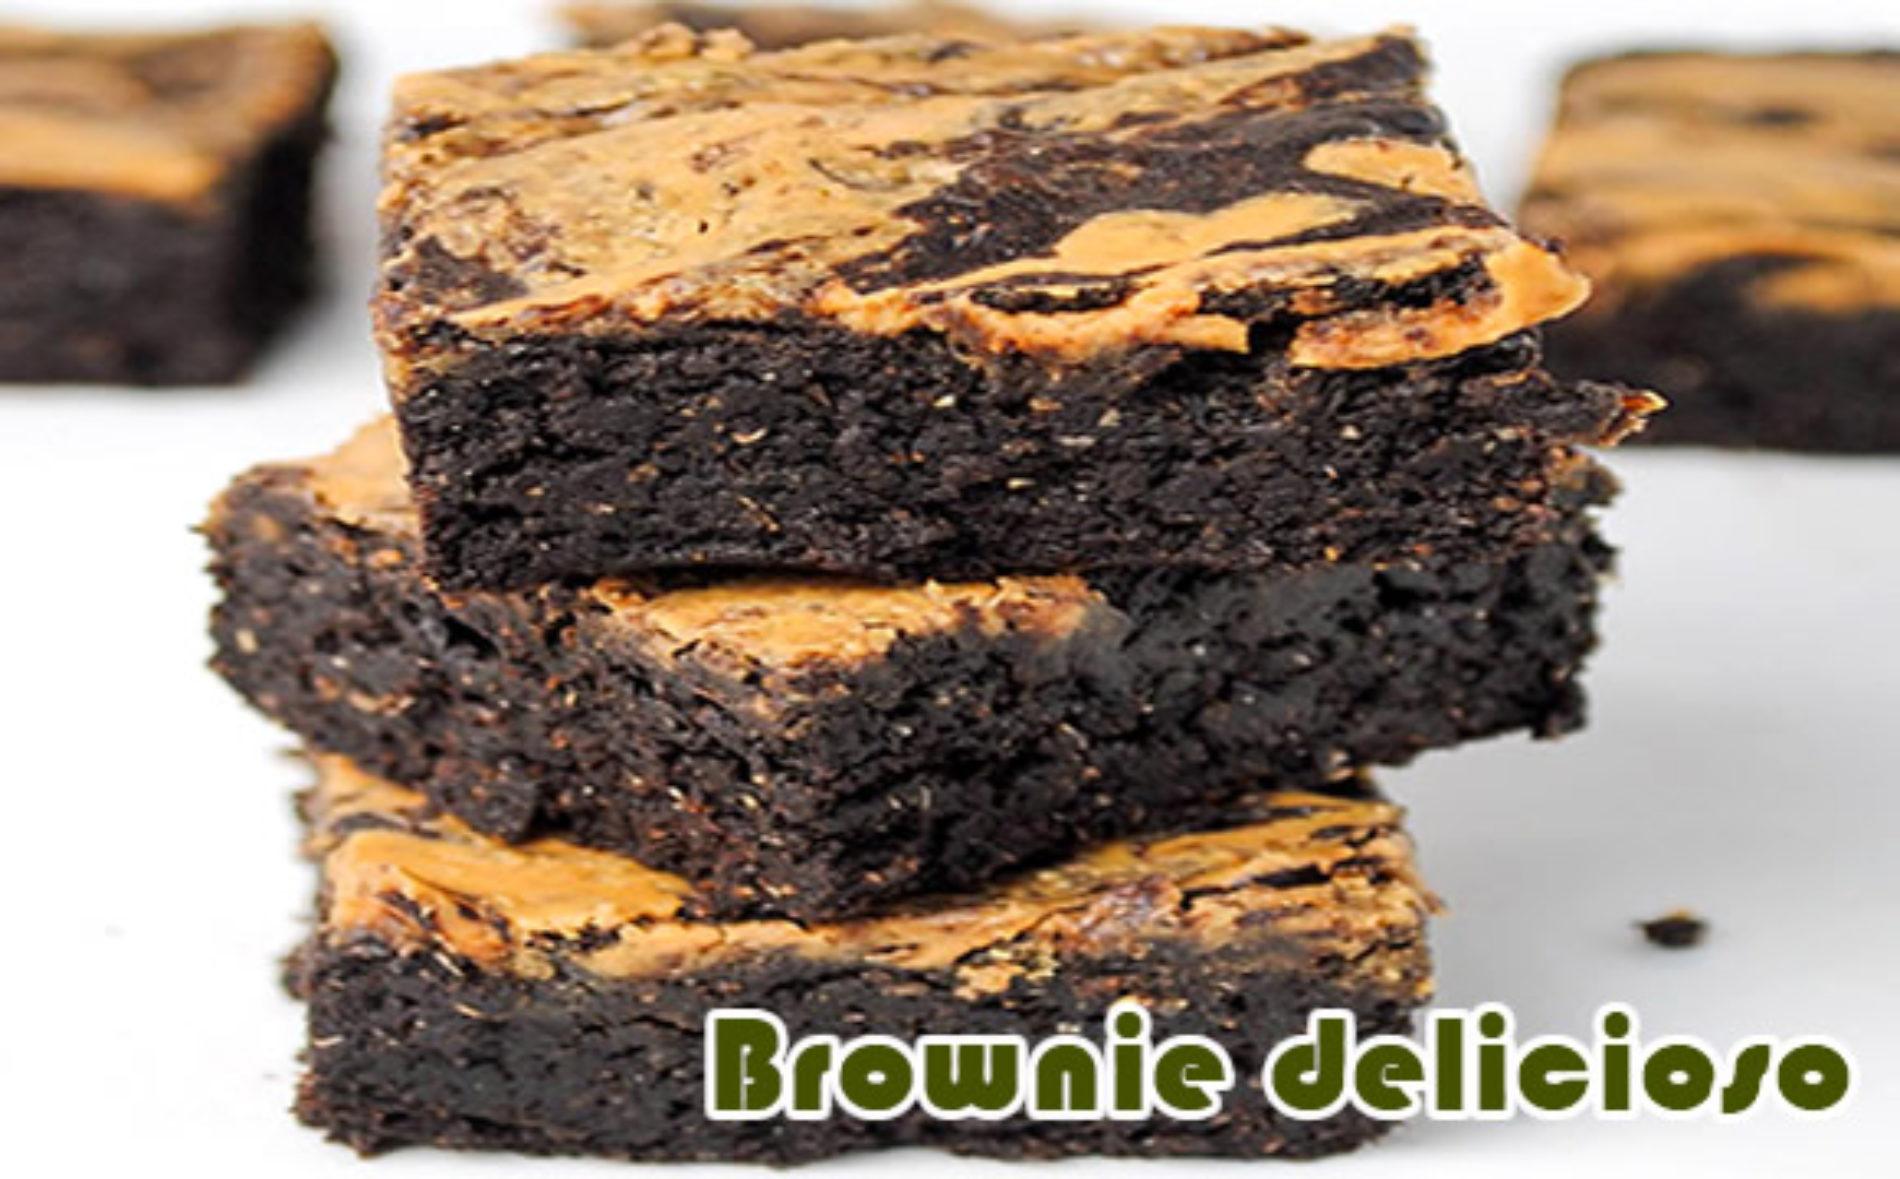 Brownie com manteiga de amendoim e chocolate